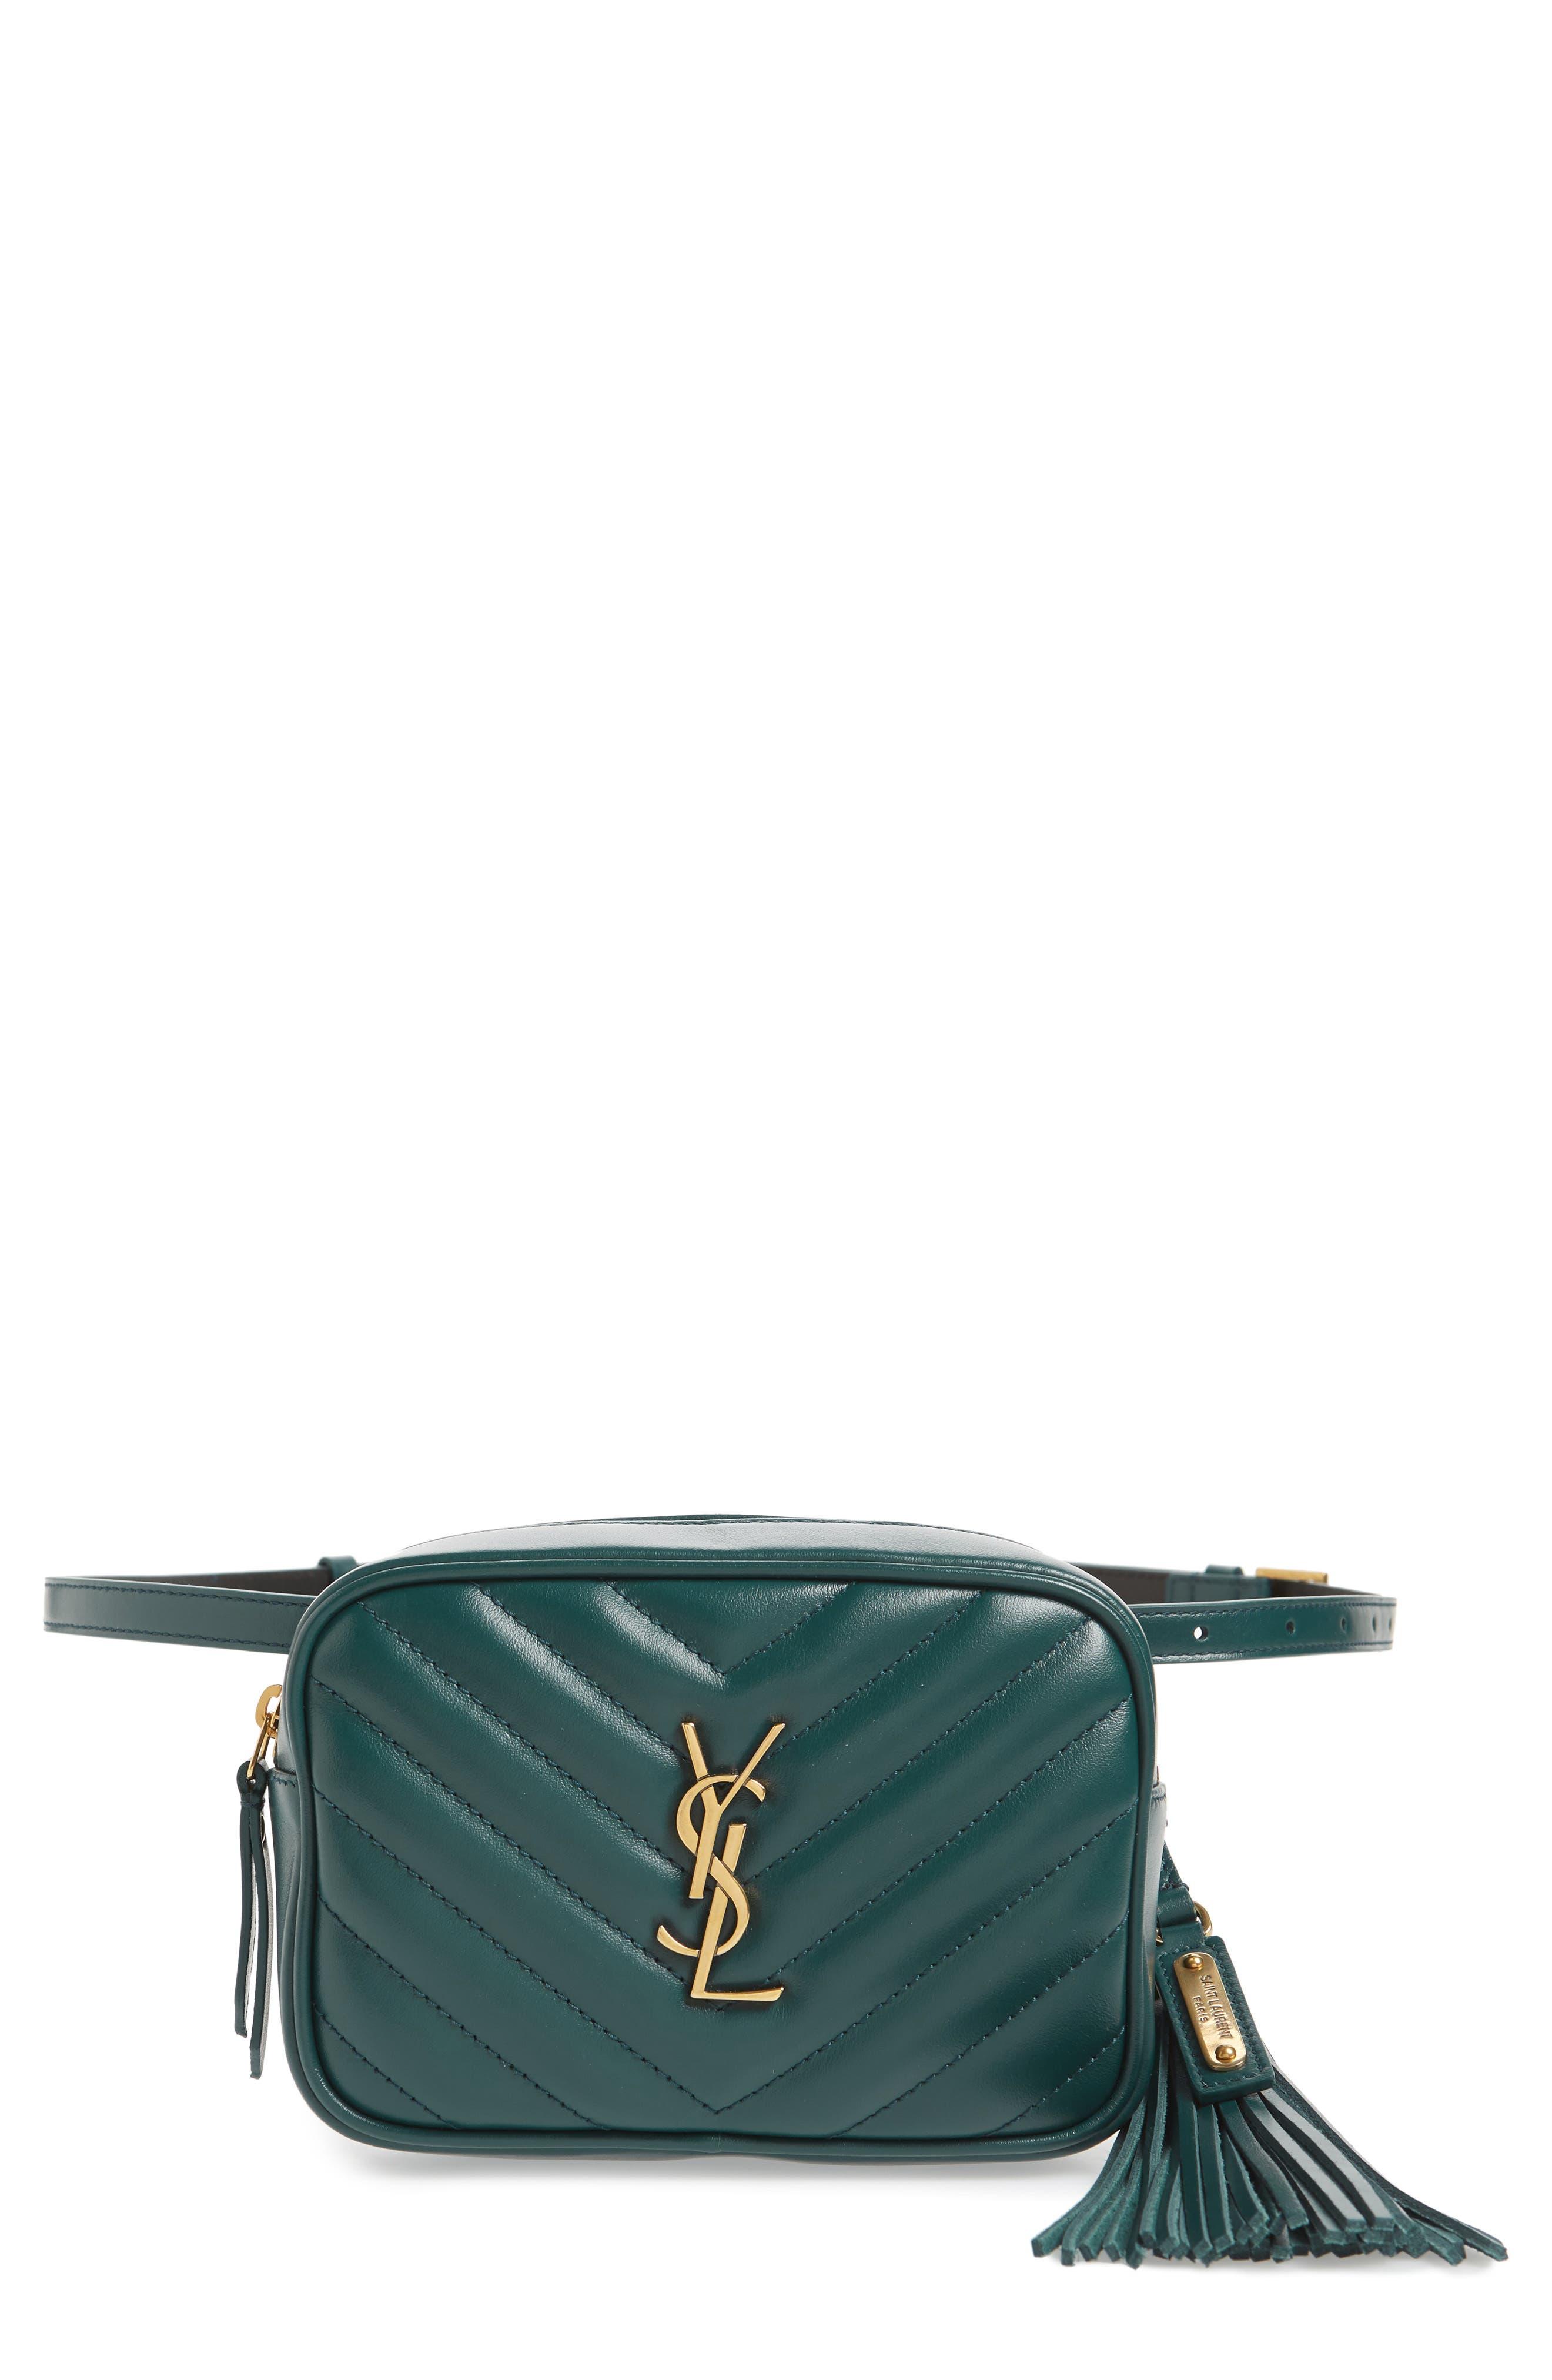 Loulou Matelassé Leather Belt Bag,                             Main thumbnail 1, color,                             300